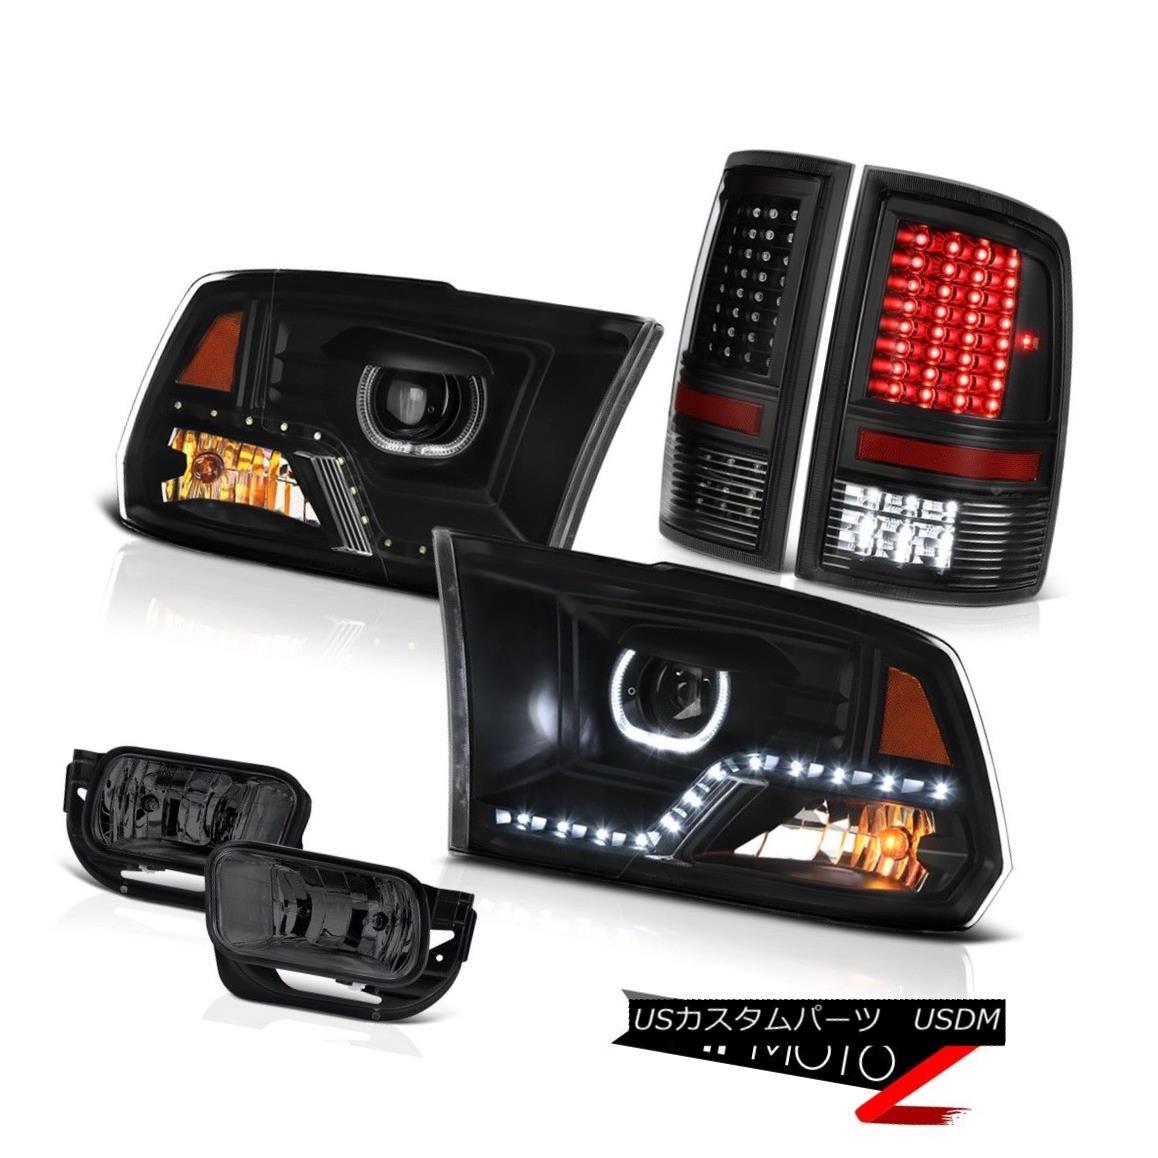 ヘッドライト 10 11 12 13-18 Dodge RAM 1500 3500 Black Headlights Led Tail Light Driving Lamps 10 11 12 13-18ダッジRAM 1500 3500ブラックヘッドライトLedテールライト駆動ランプ